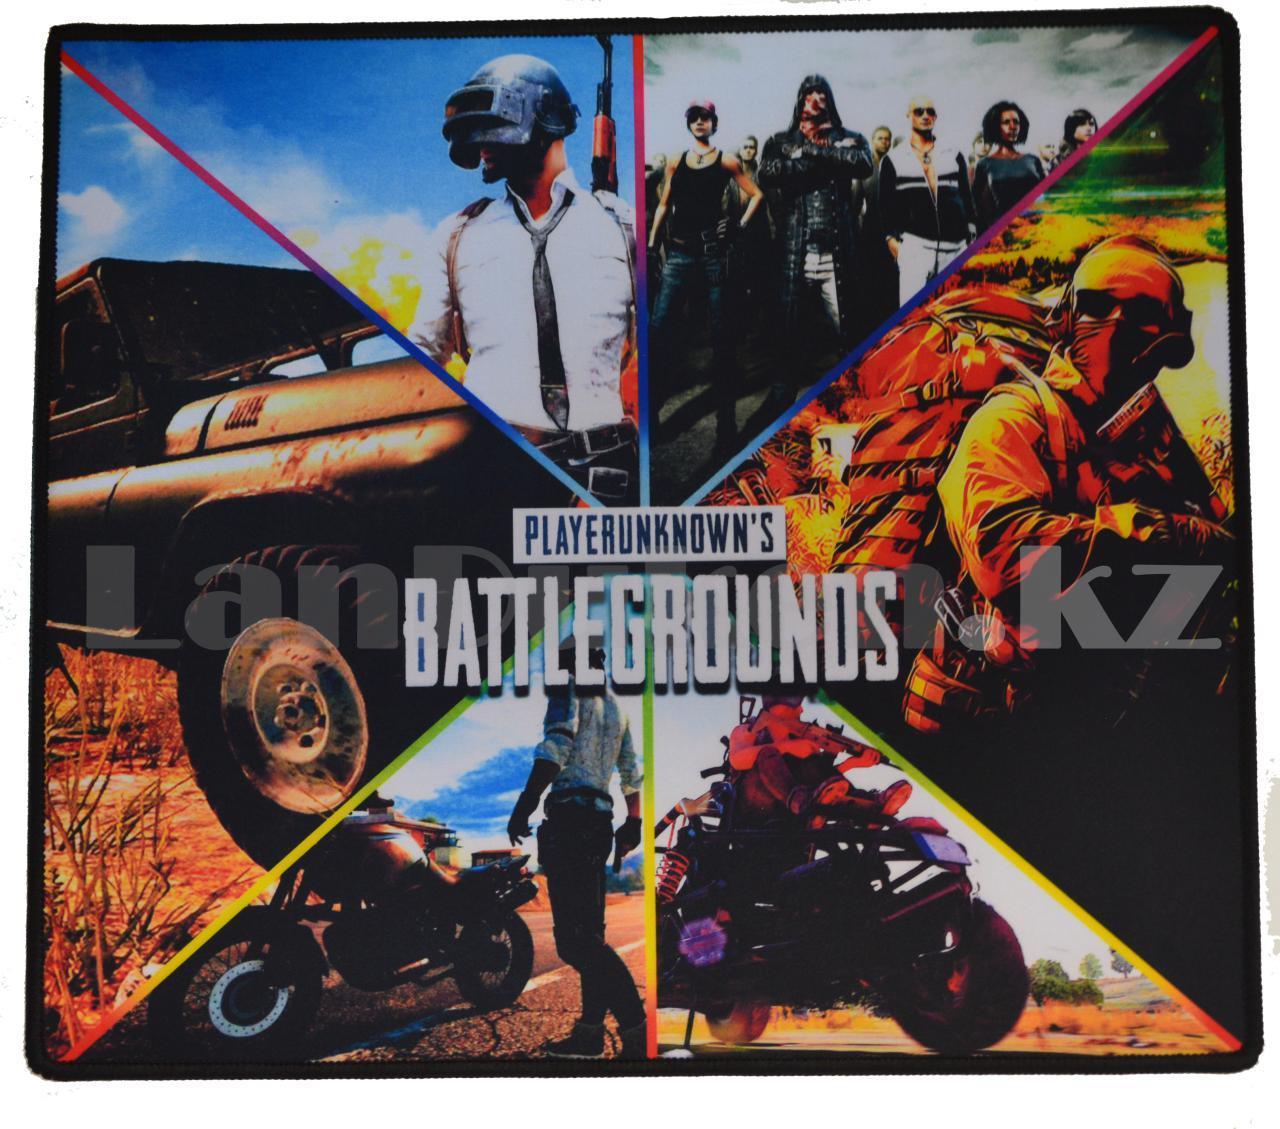 """Коврик для мыши """"PlayerUnknown's Battlegrounds"""" большой прямоугольный 400x350mm"""